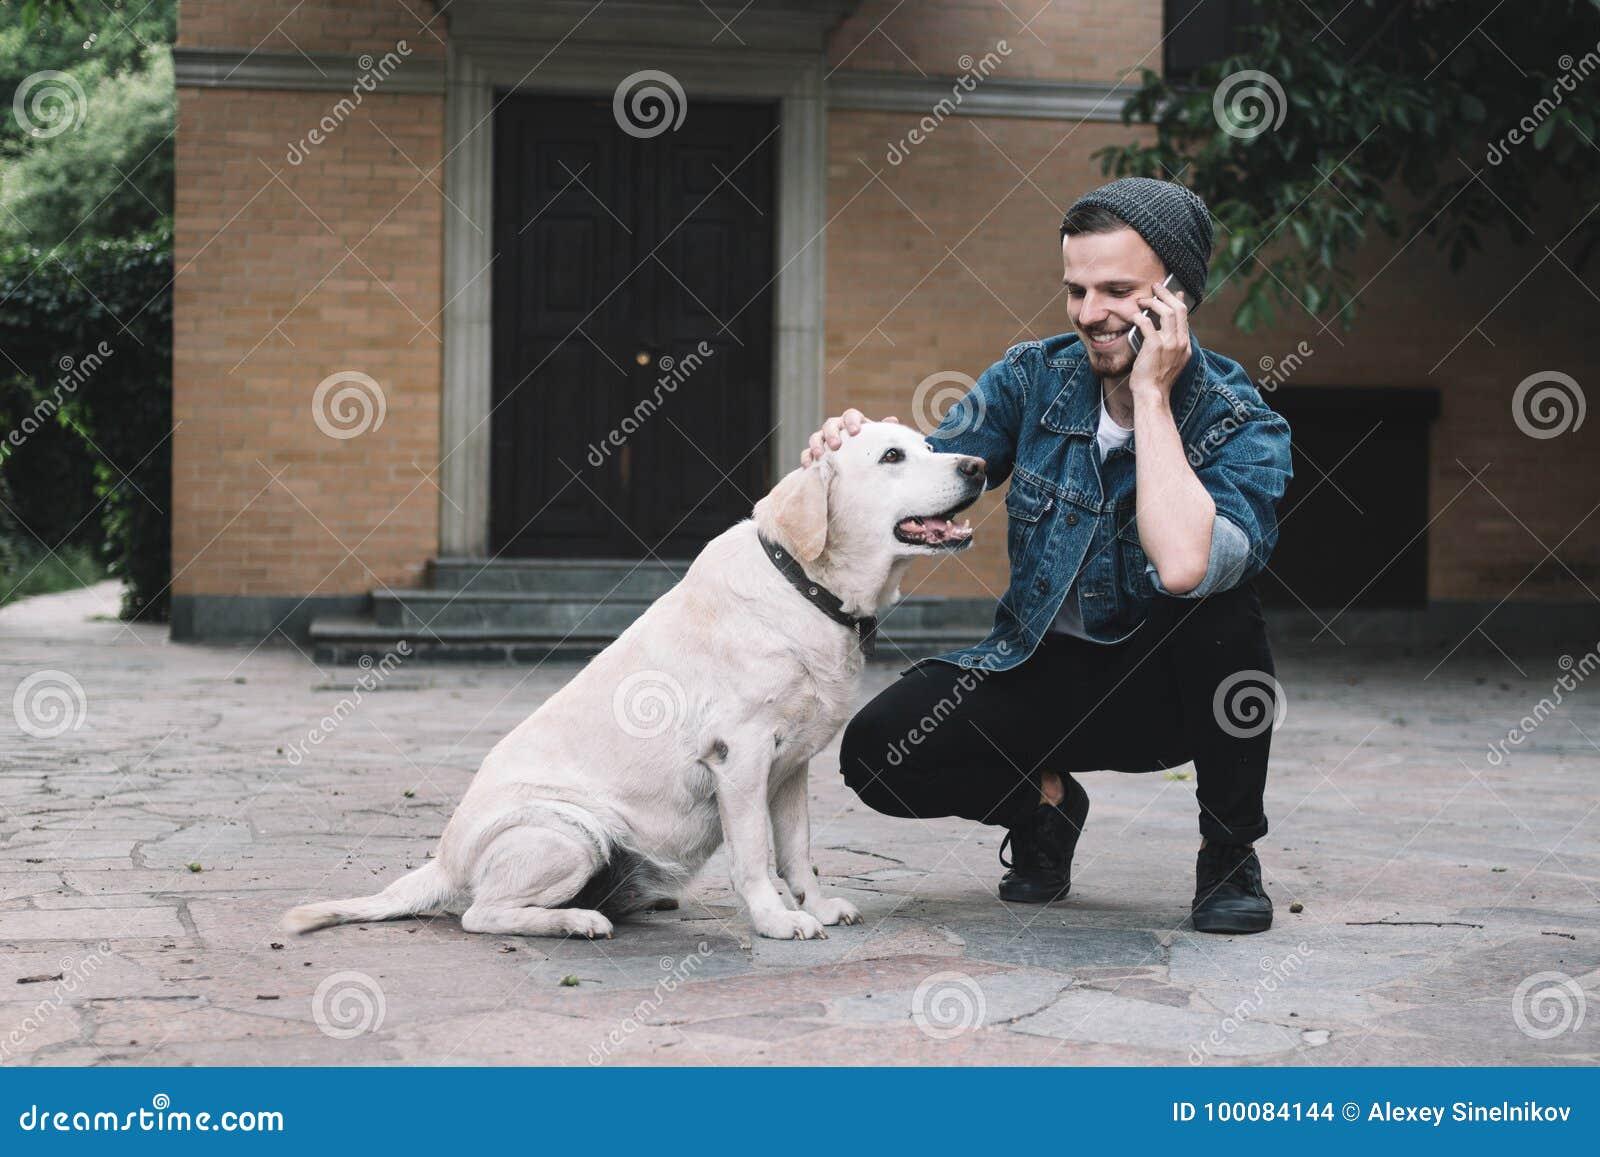 Un individuo con un perro